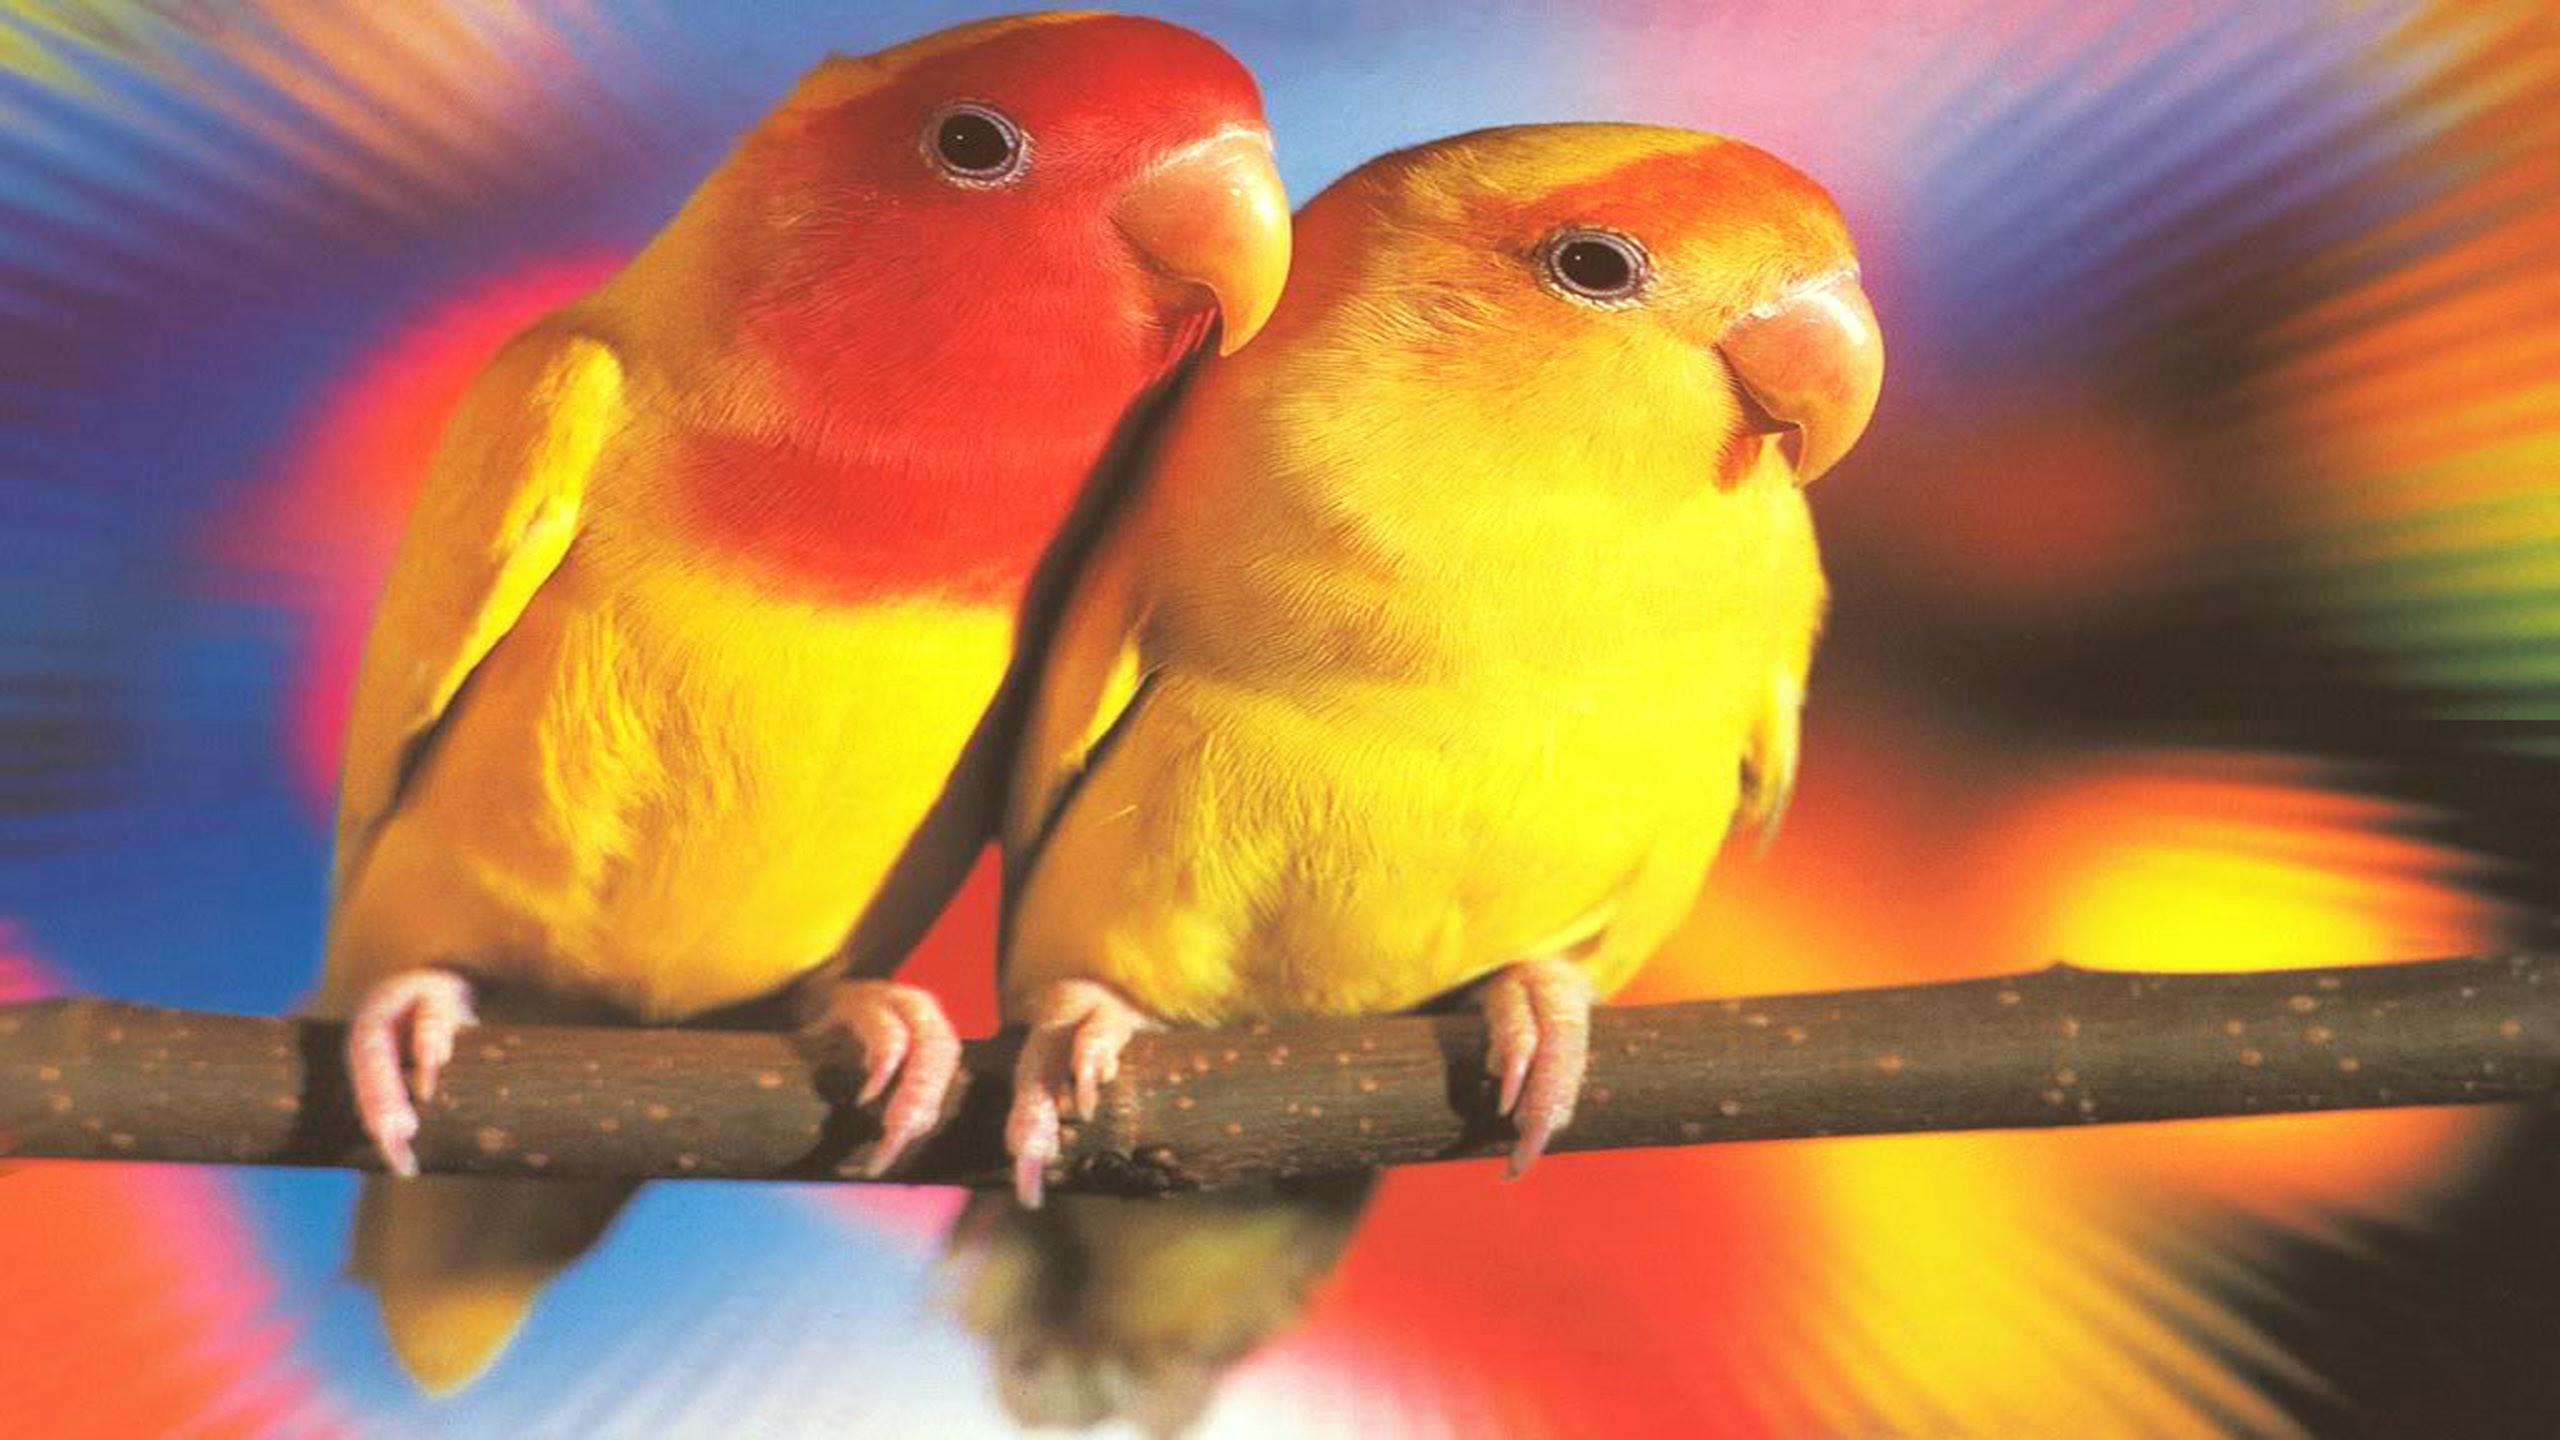 Wallpapers Love Birds